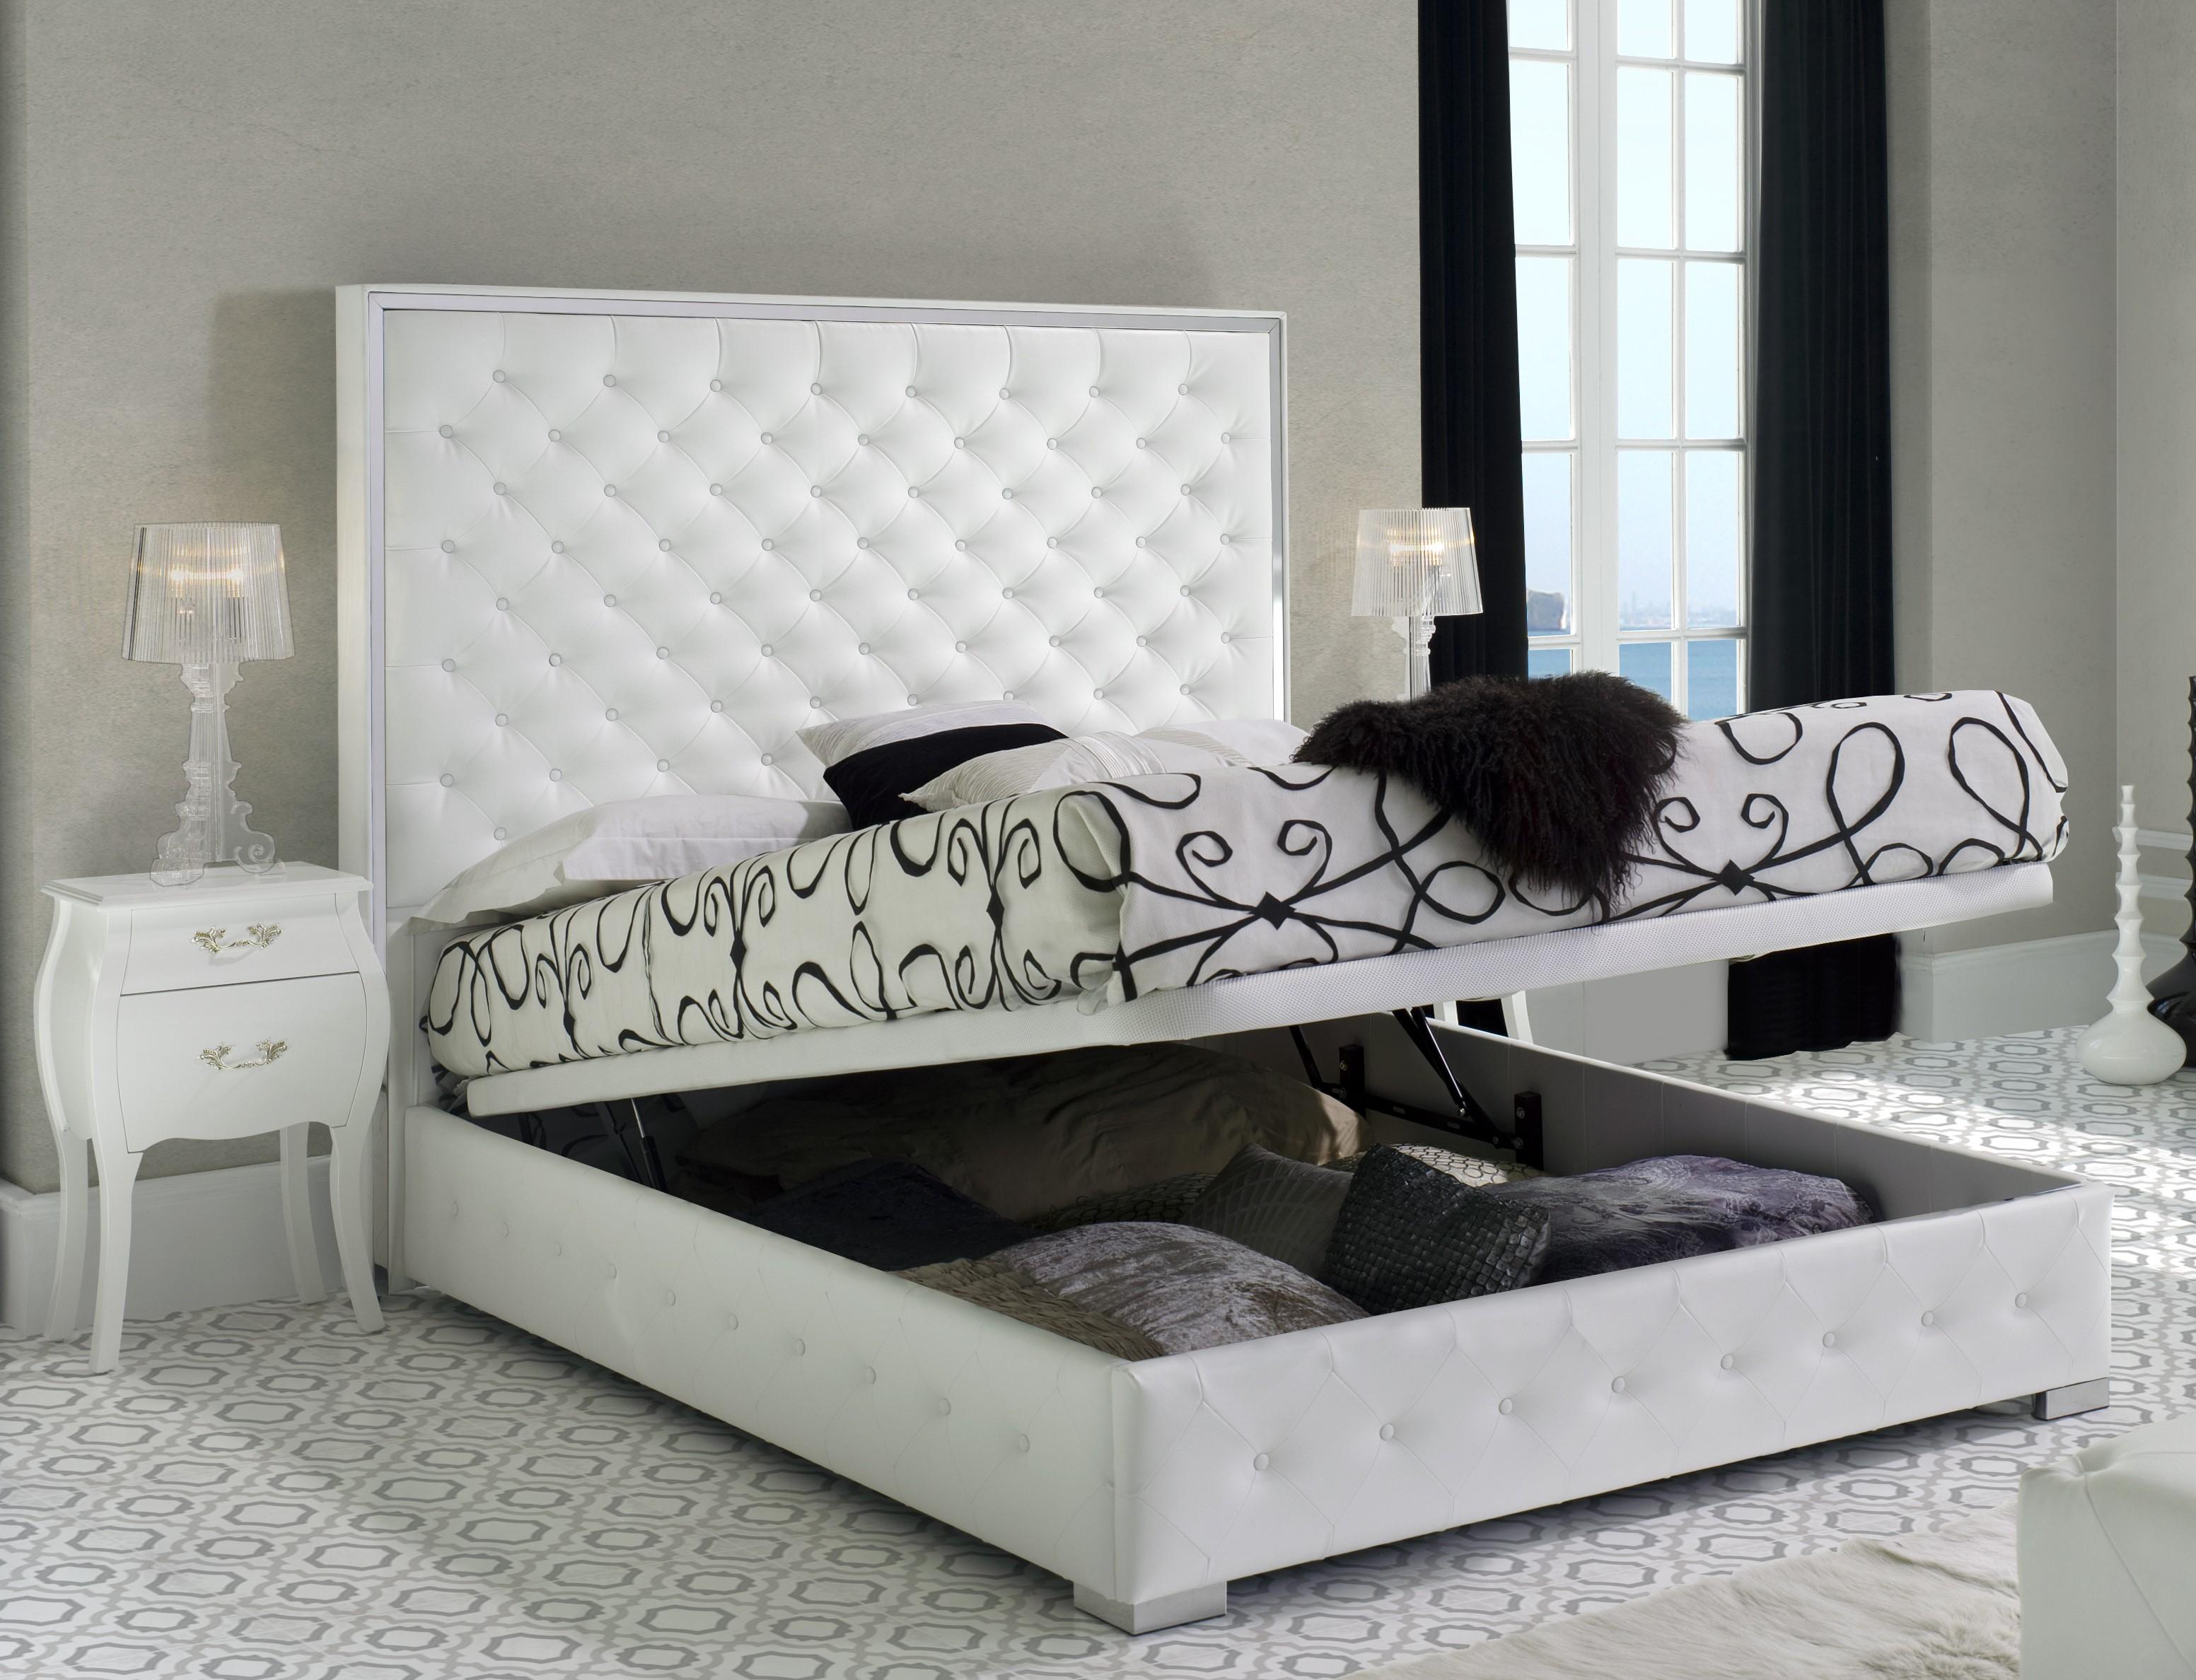 Charmant Lit Coffre King Size Capitonné Simili Blanc Bony 180 Couchage 180 X 200 Cm  | LesTendances.fr